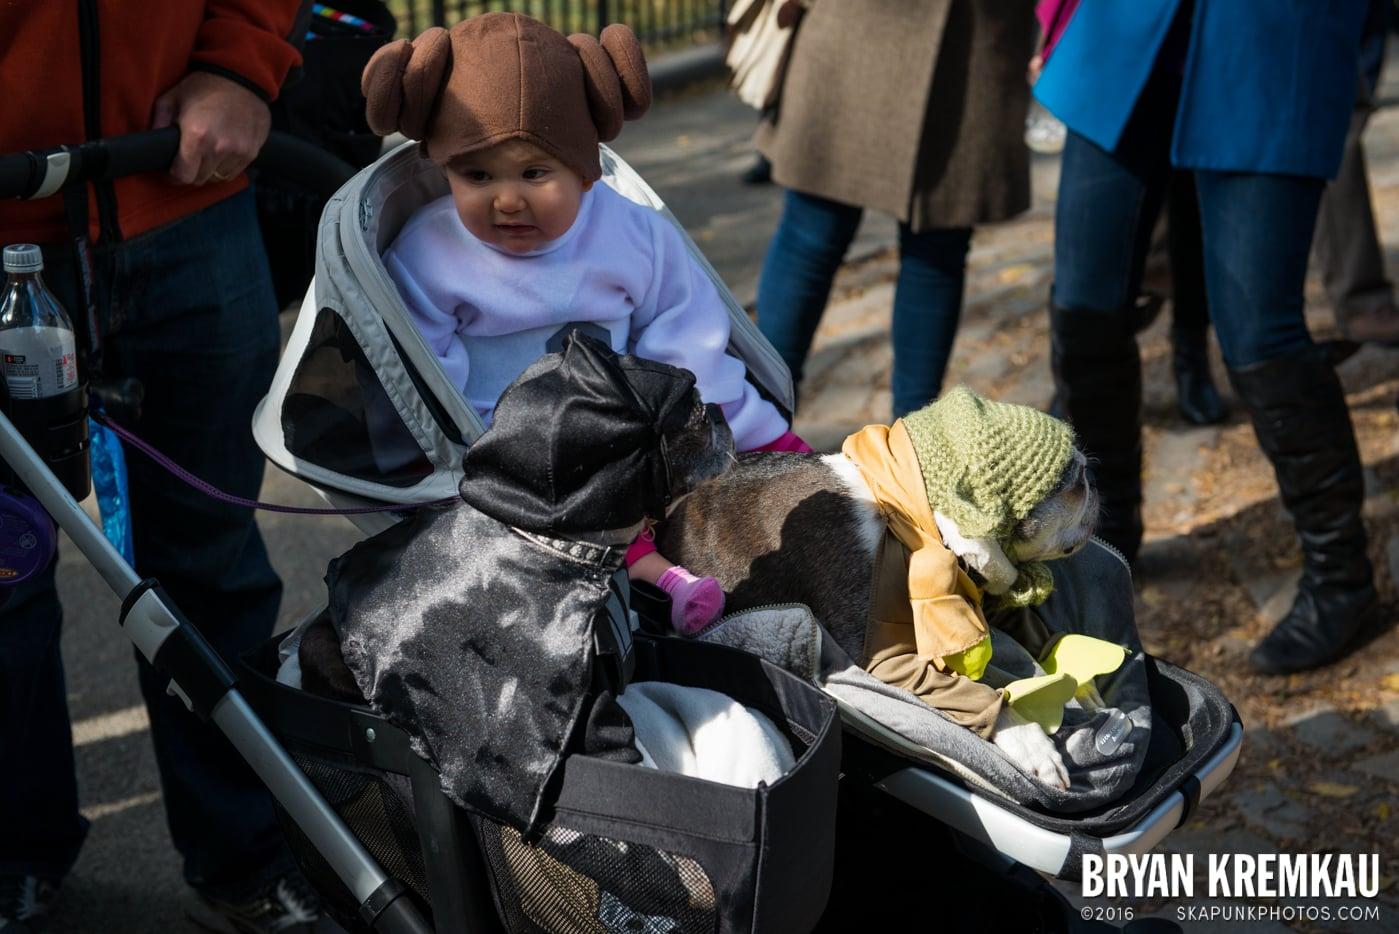 Tompkins Square Halloween Dog Parade 2013 @ Tompkins Square Park, NYC - 10.26.13 (4)